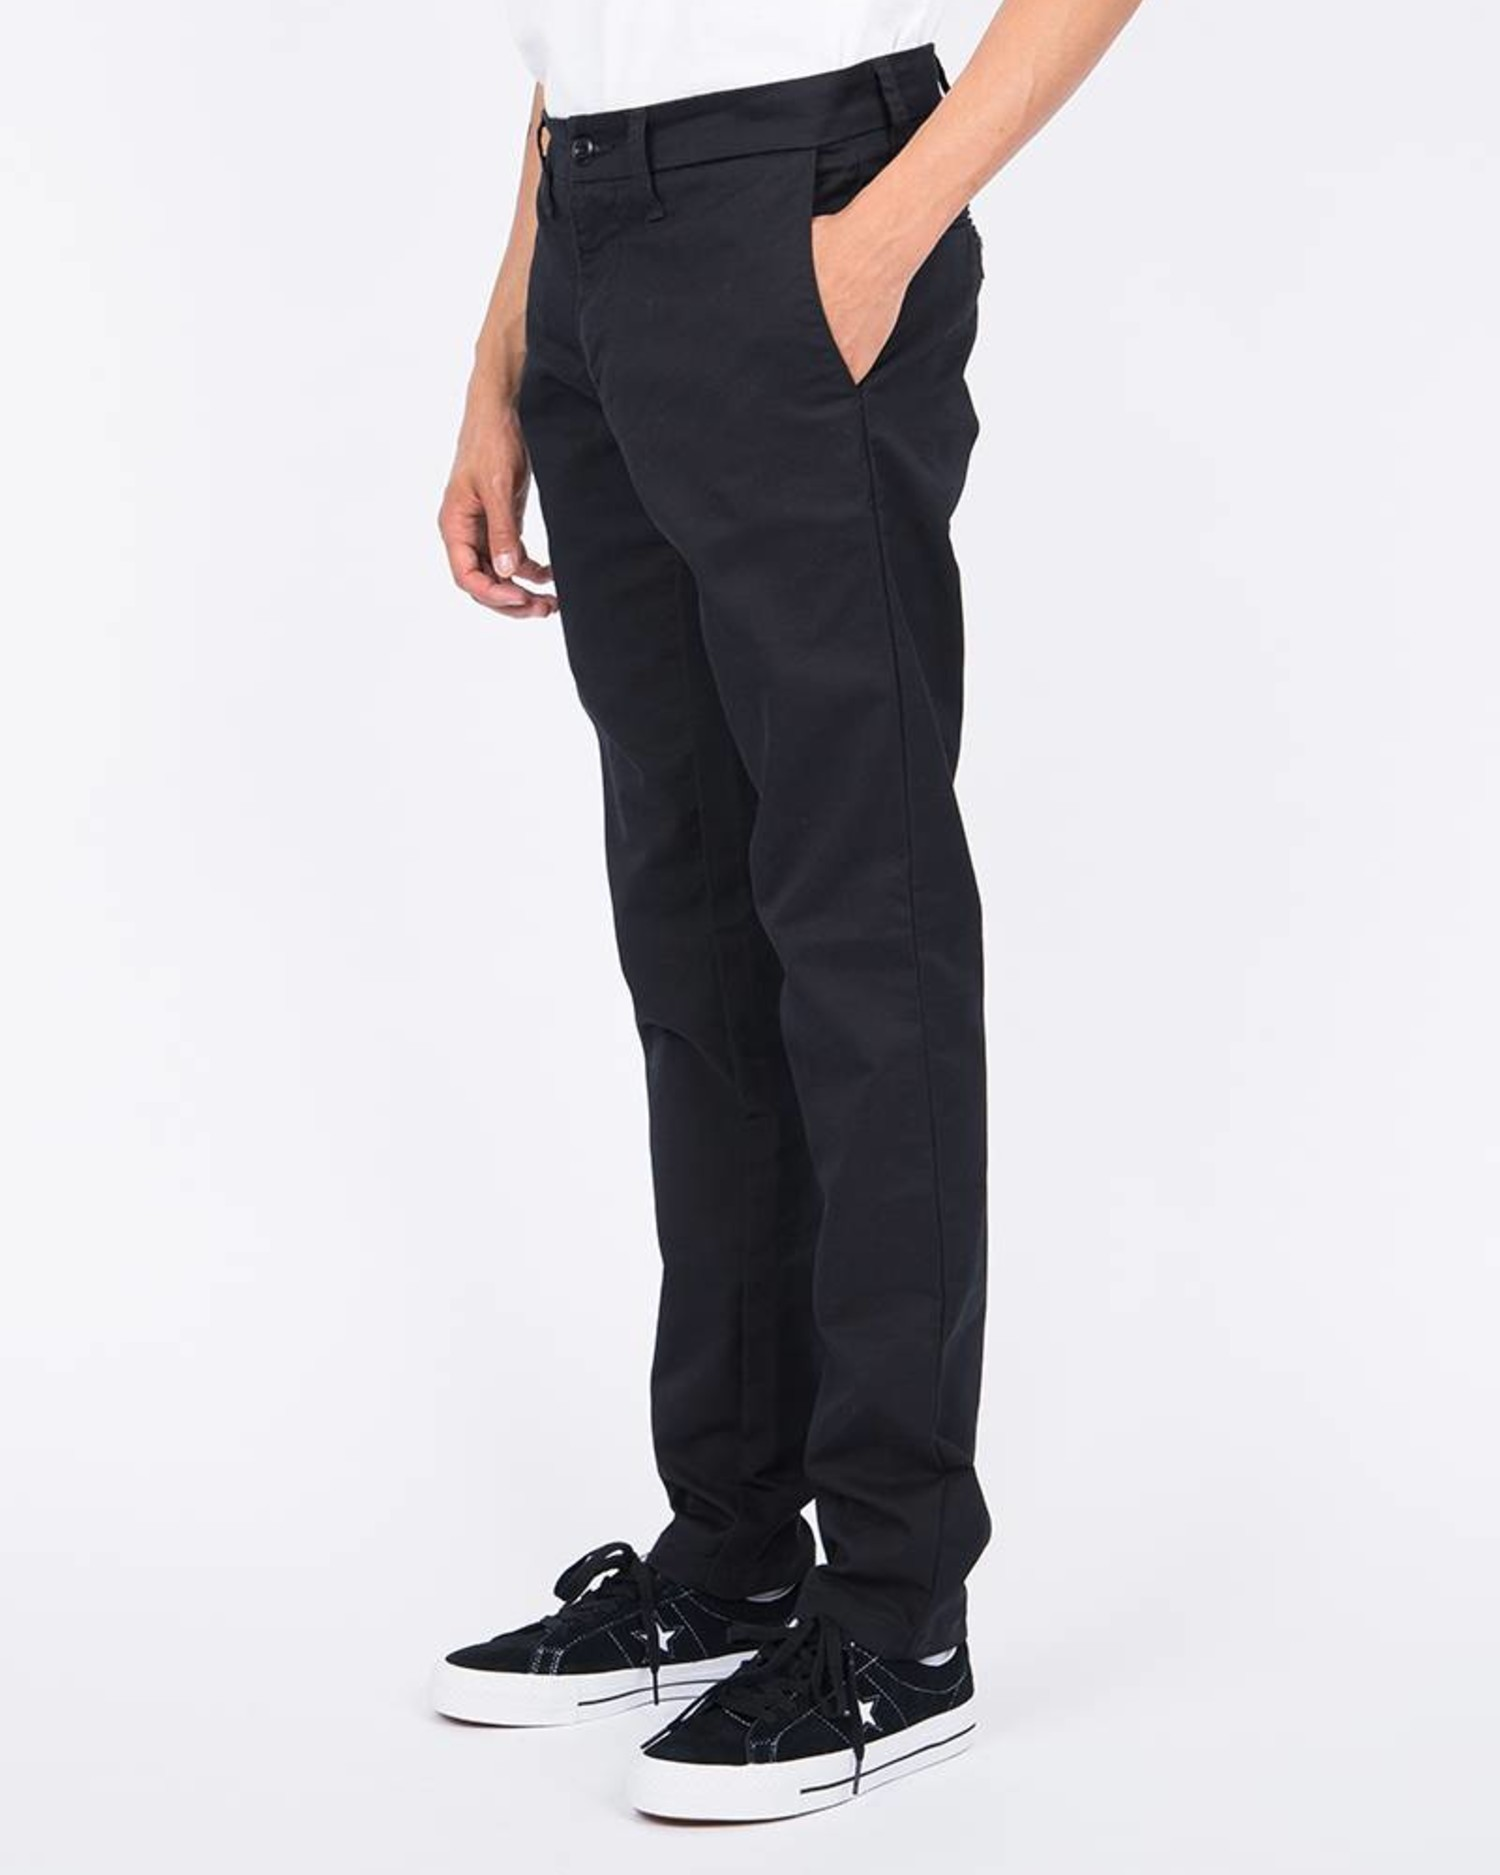 Carhartt Sid Pants Black Rinsed